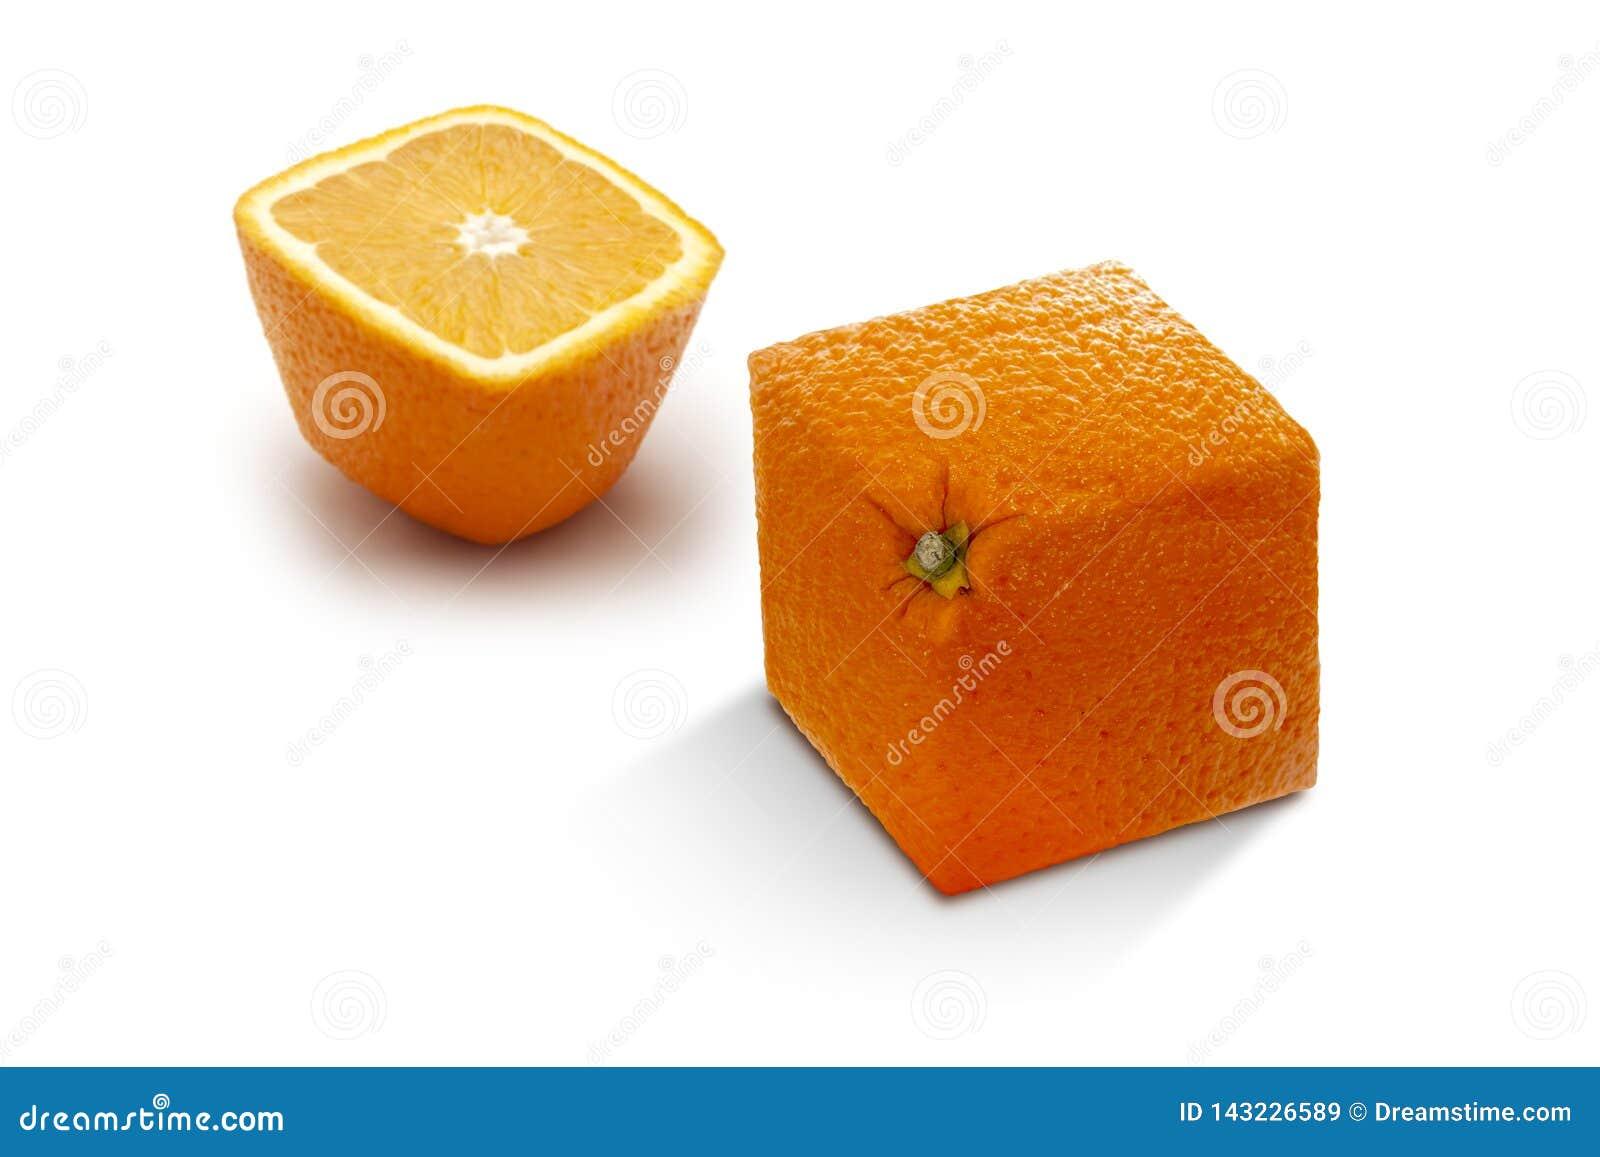 Twee hoekige rijpe sinaasappelen op een witte achtergrond